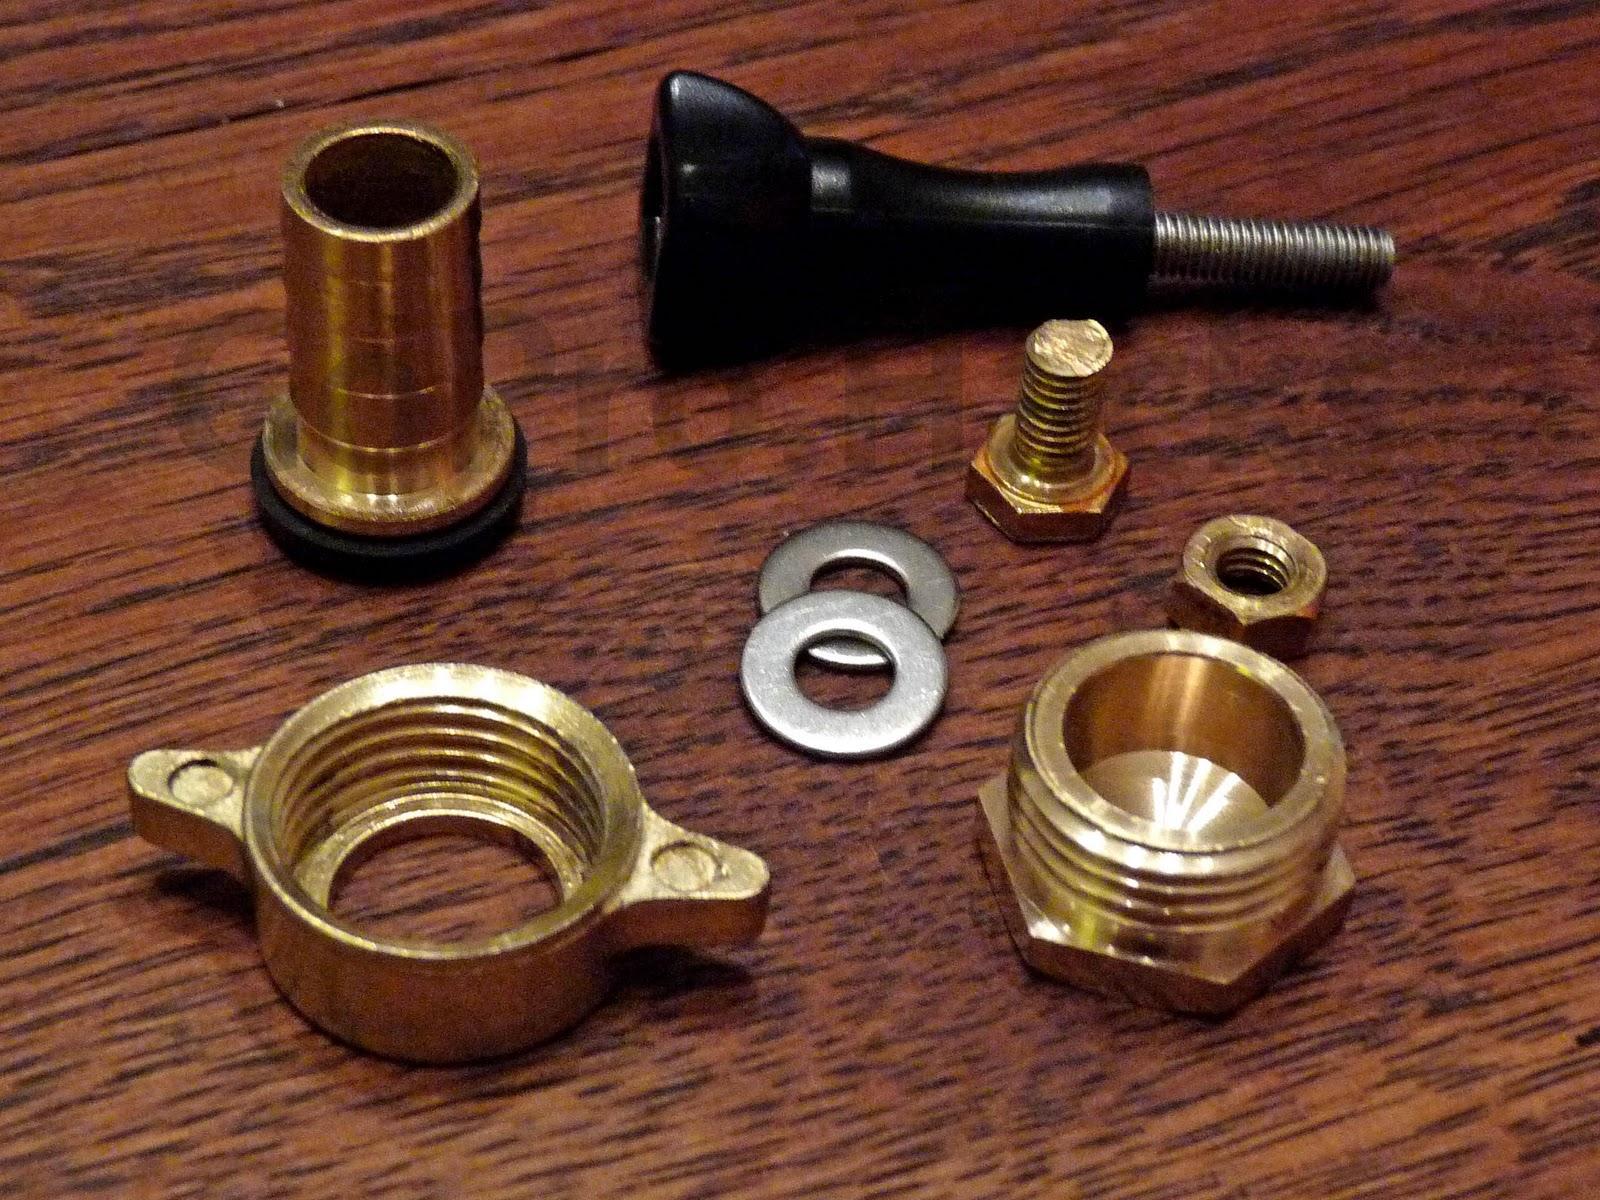 gopro hd cameras hacks et astuces 2011 09 25. Black Bedroom Furniture Sets. Home Design Ideas